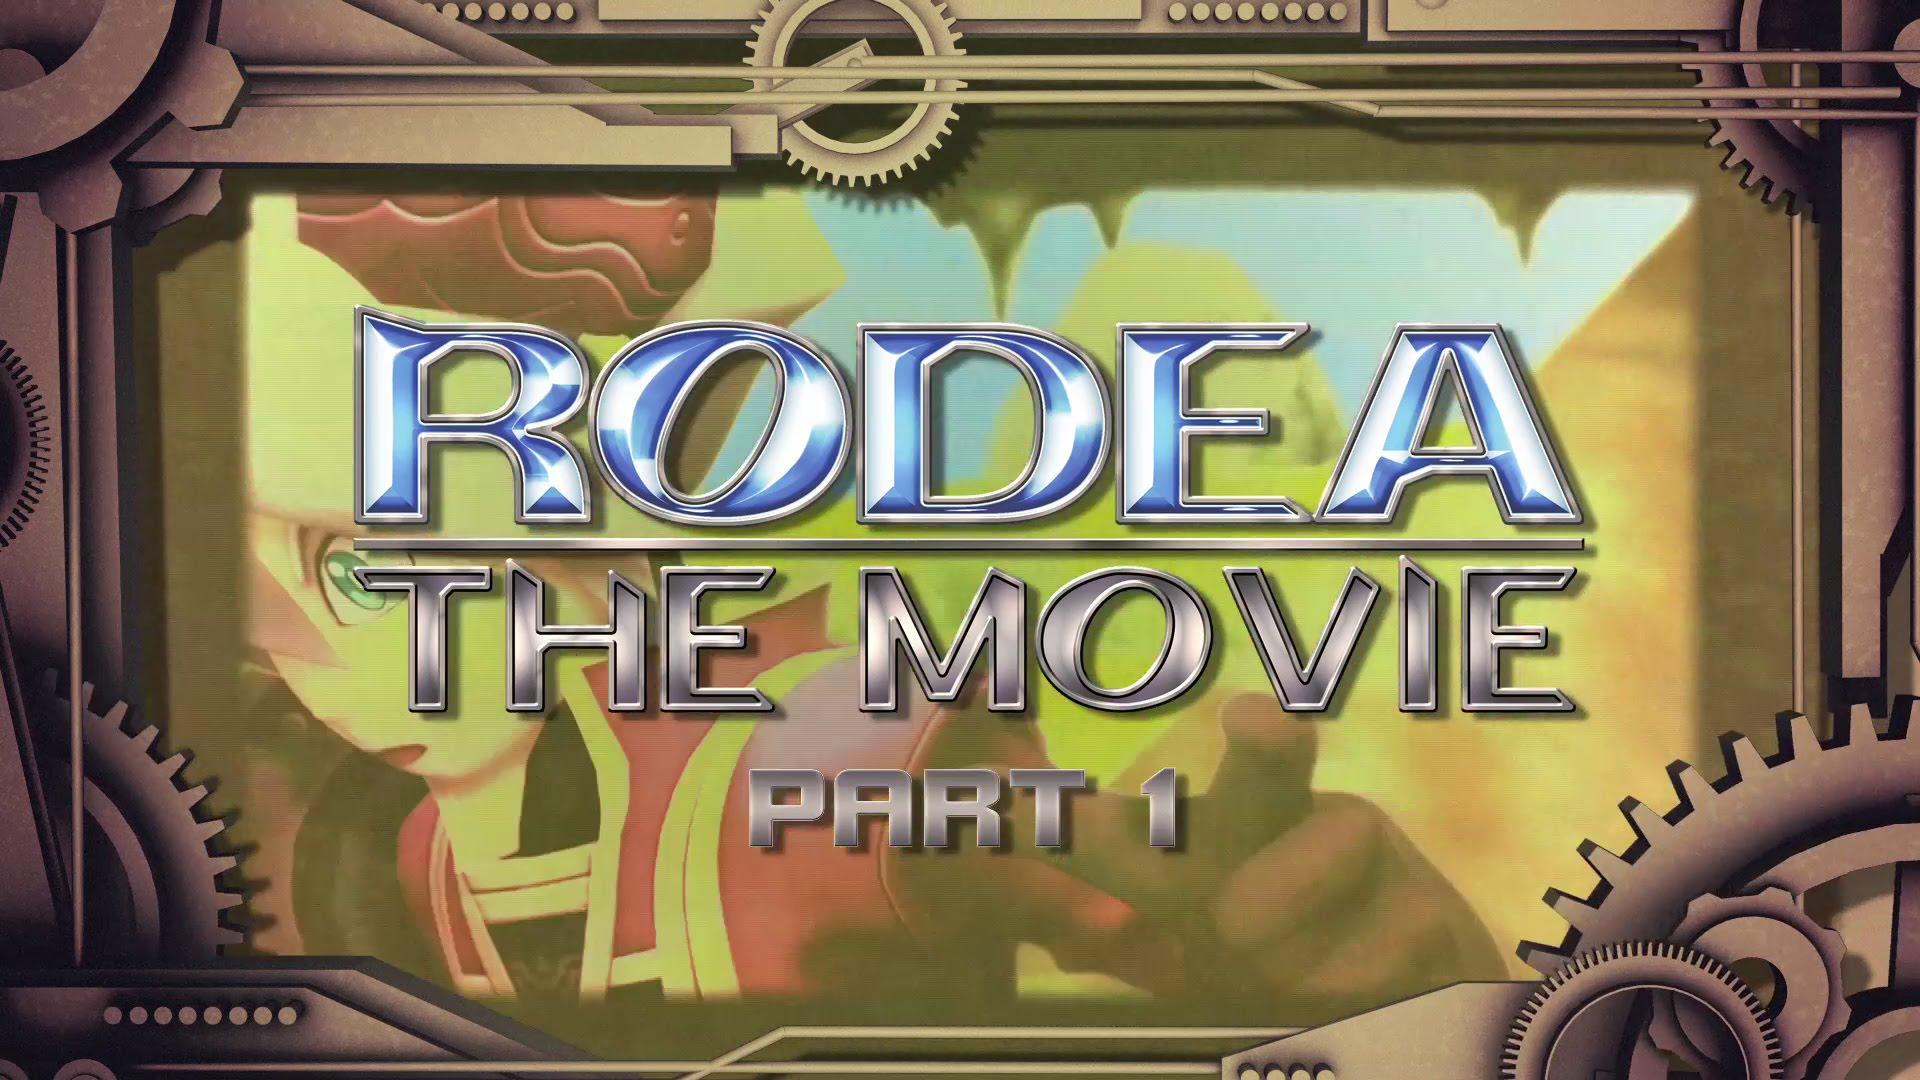 『ロデア・ザ・スカイソルジャー』ロデアの基本アクションと巨大ボス戦を紹介する映像が公開!